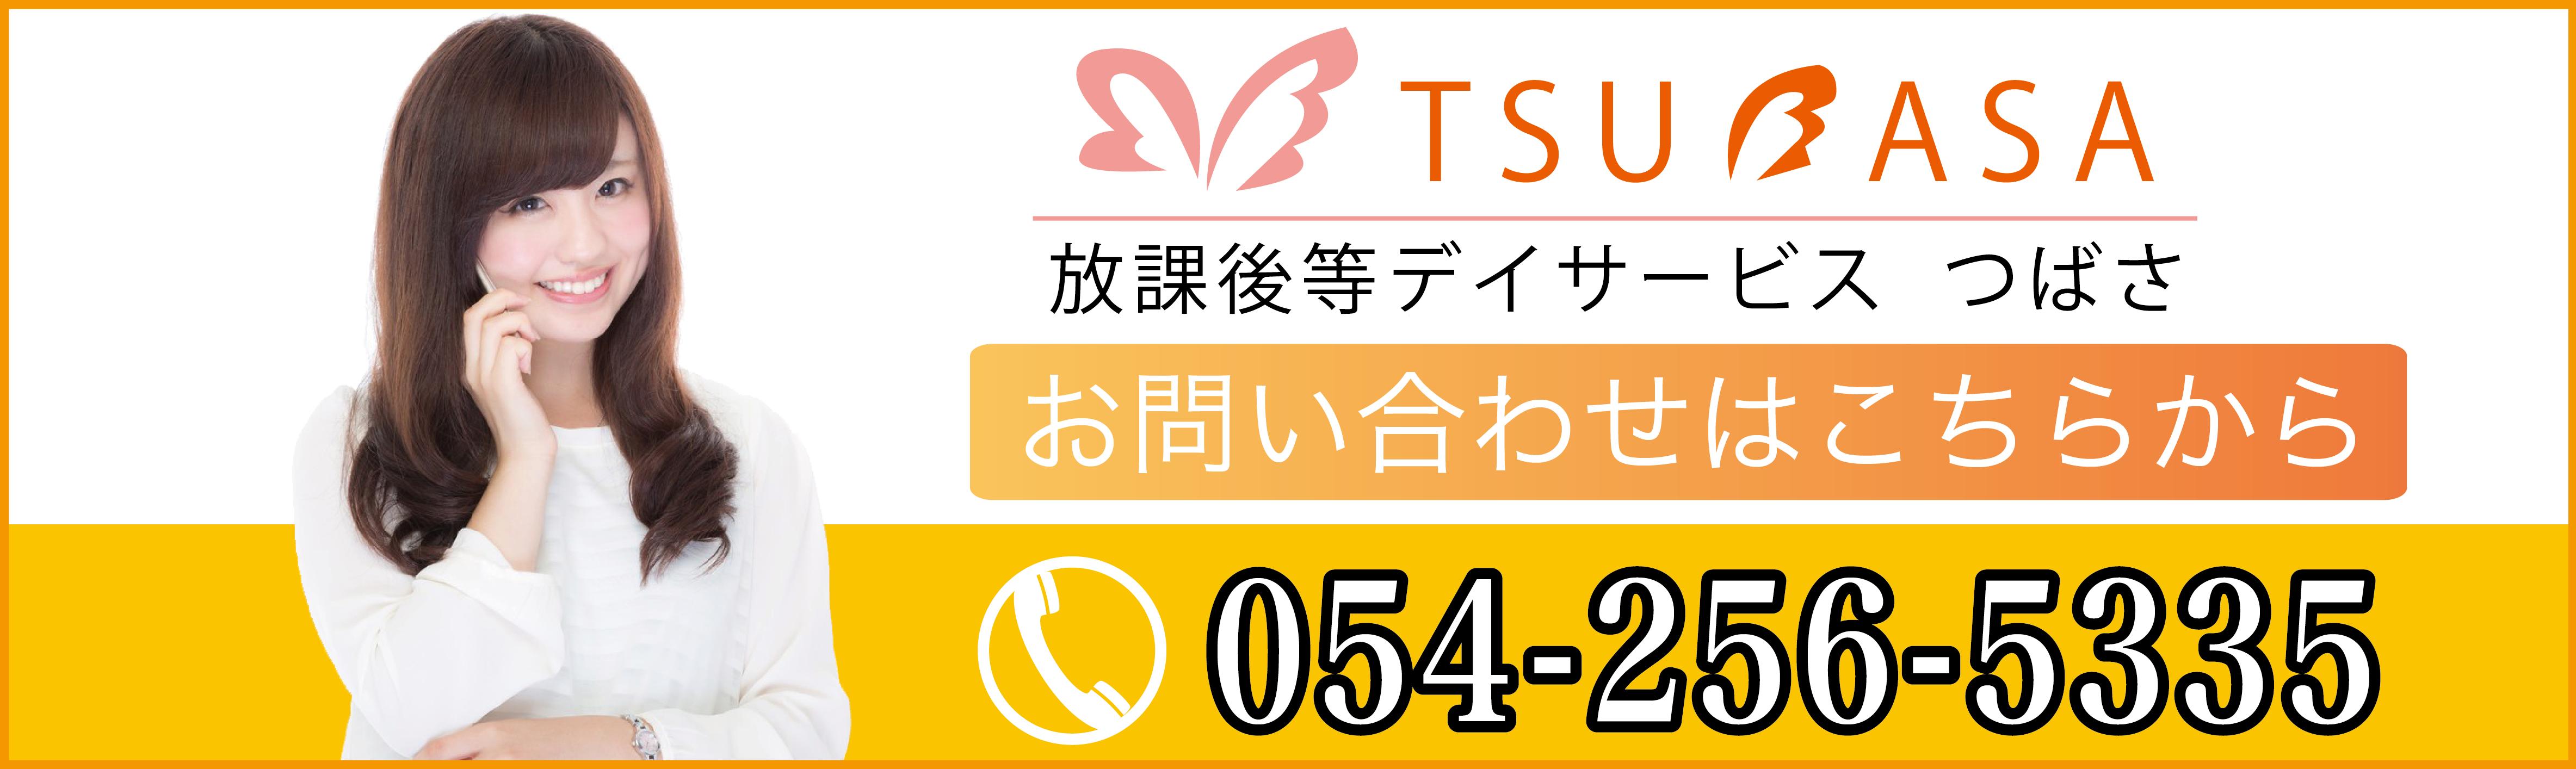 tsubasa-1